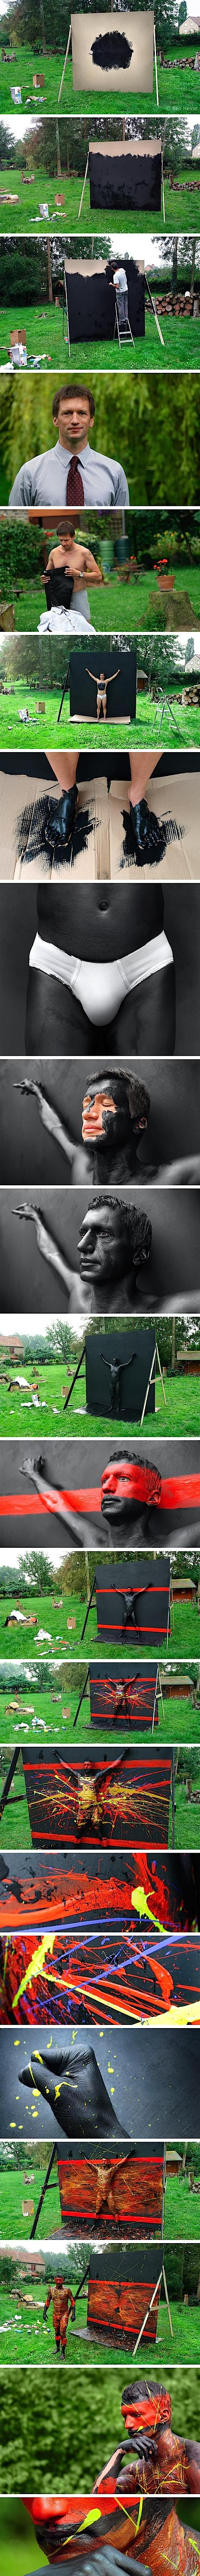 Плоть и акрил (Flesh and Acrylic) — проект Бена Гейне.